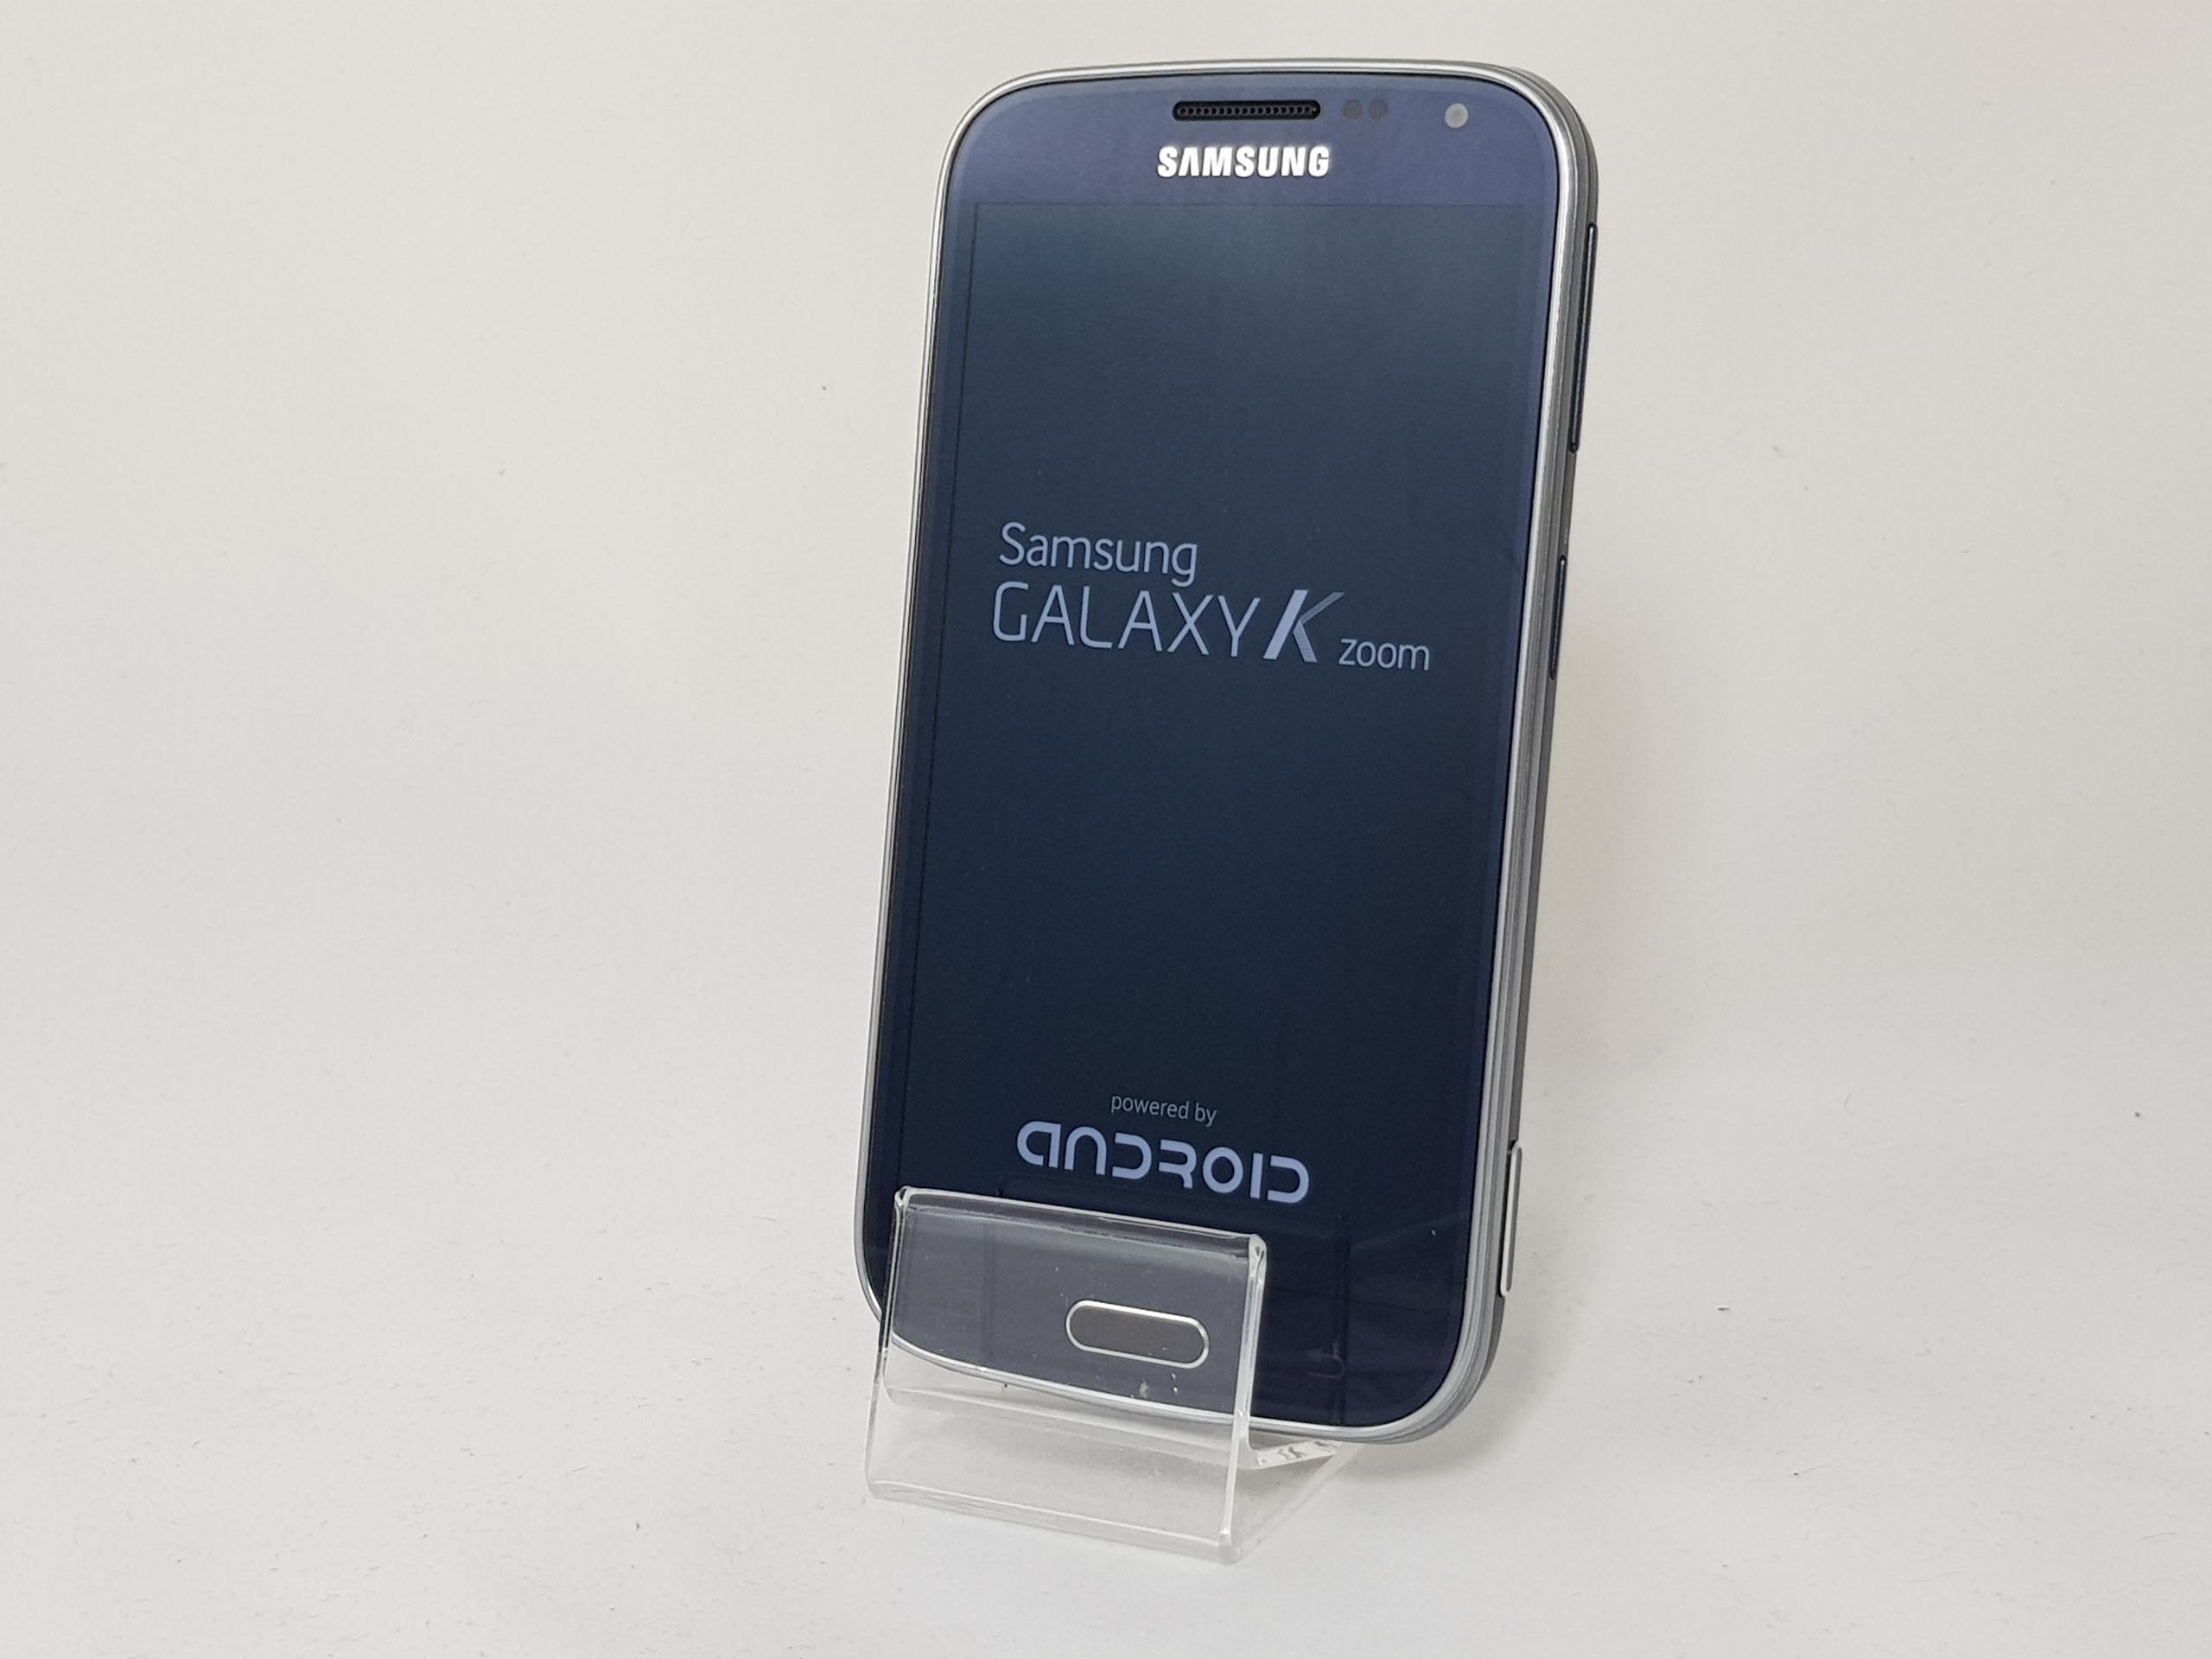 Samsung Galaxy K Zoom Lte Sm C115 8gb 207mpix Fv2 7479824697 Black